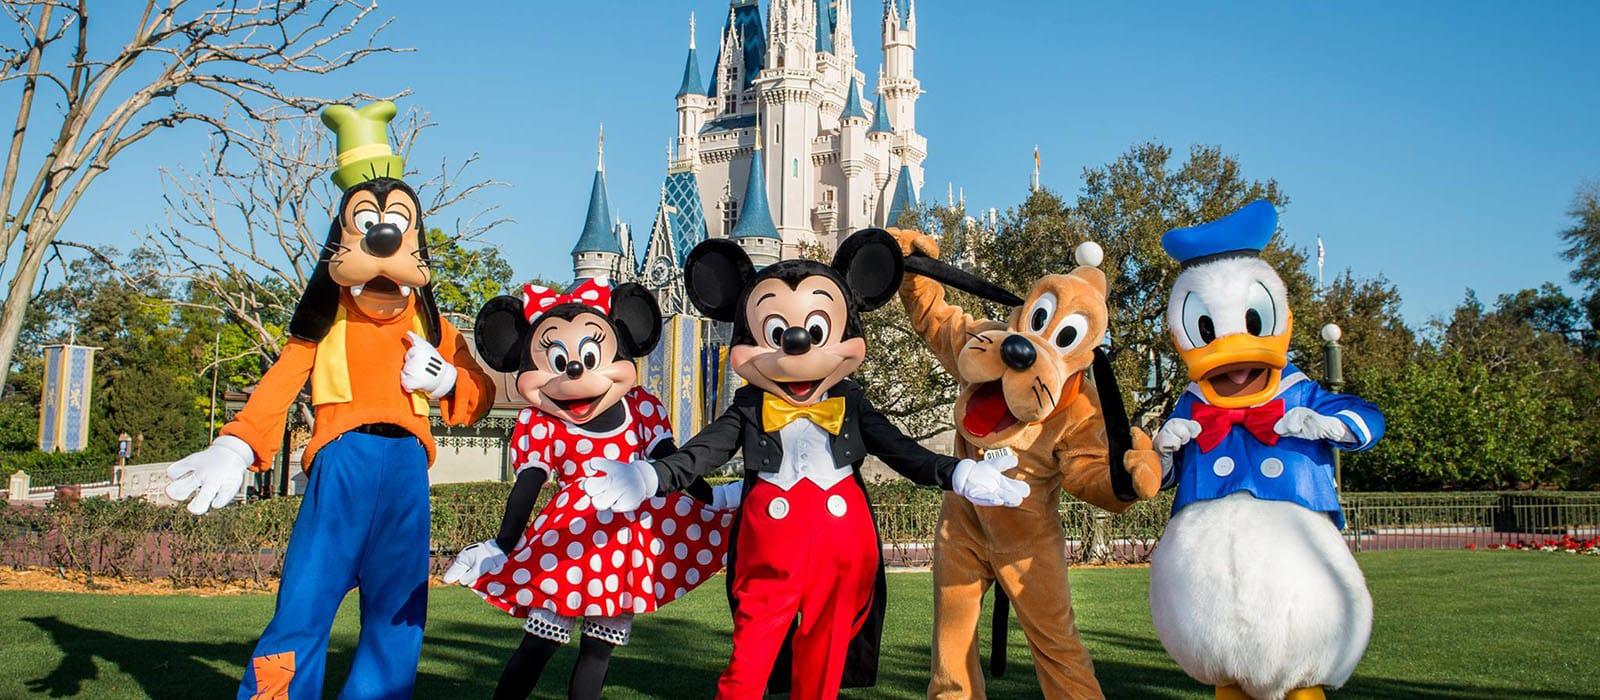 Openingsaanbieding <br> Walt Disney World